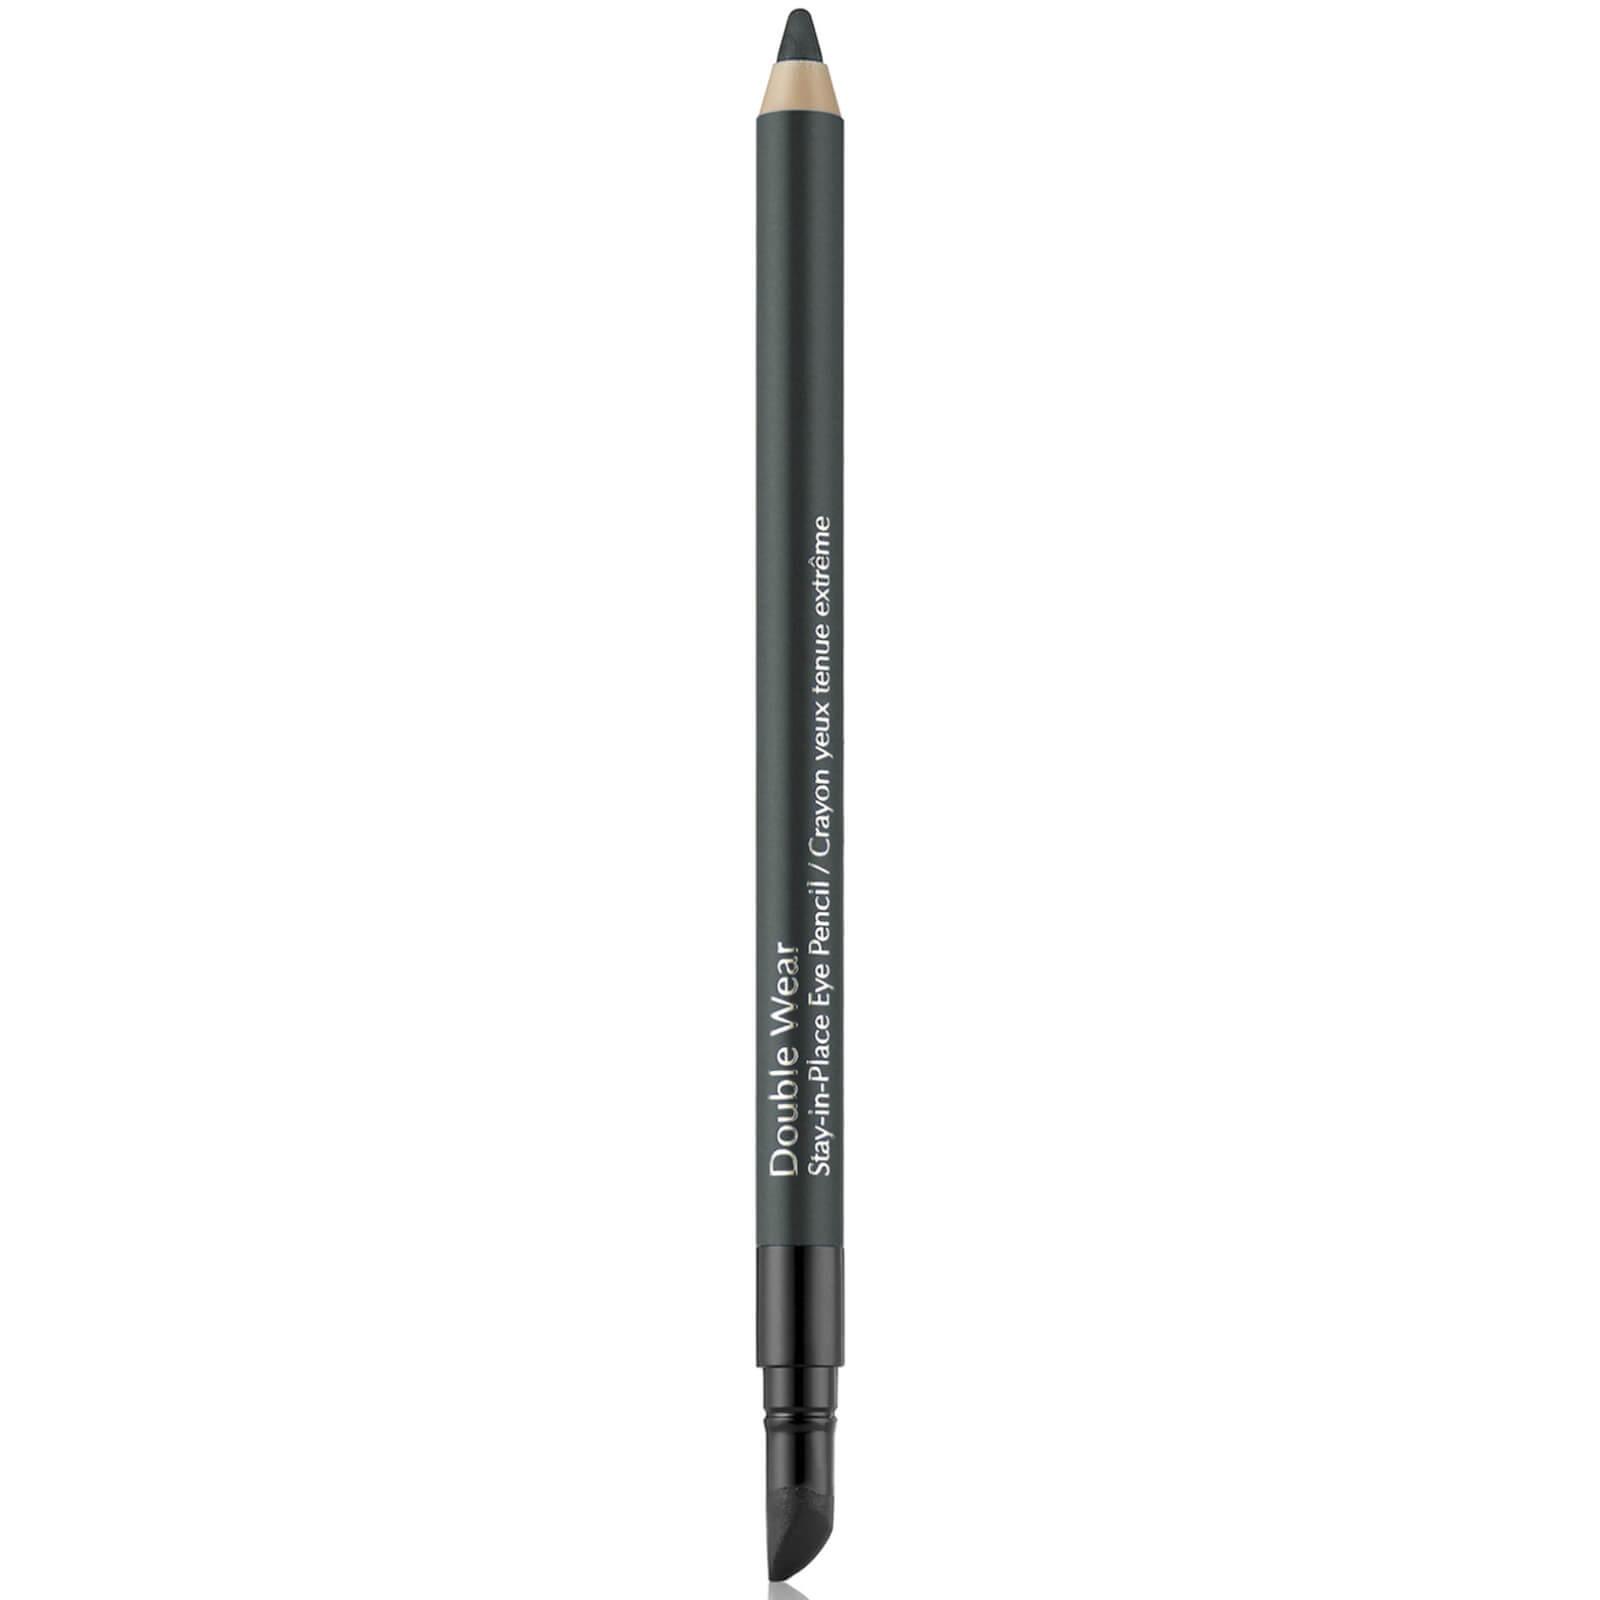 Estée Lauder Double Wear Stay-in-Place Eye Pencil 1.2g - Smoke